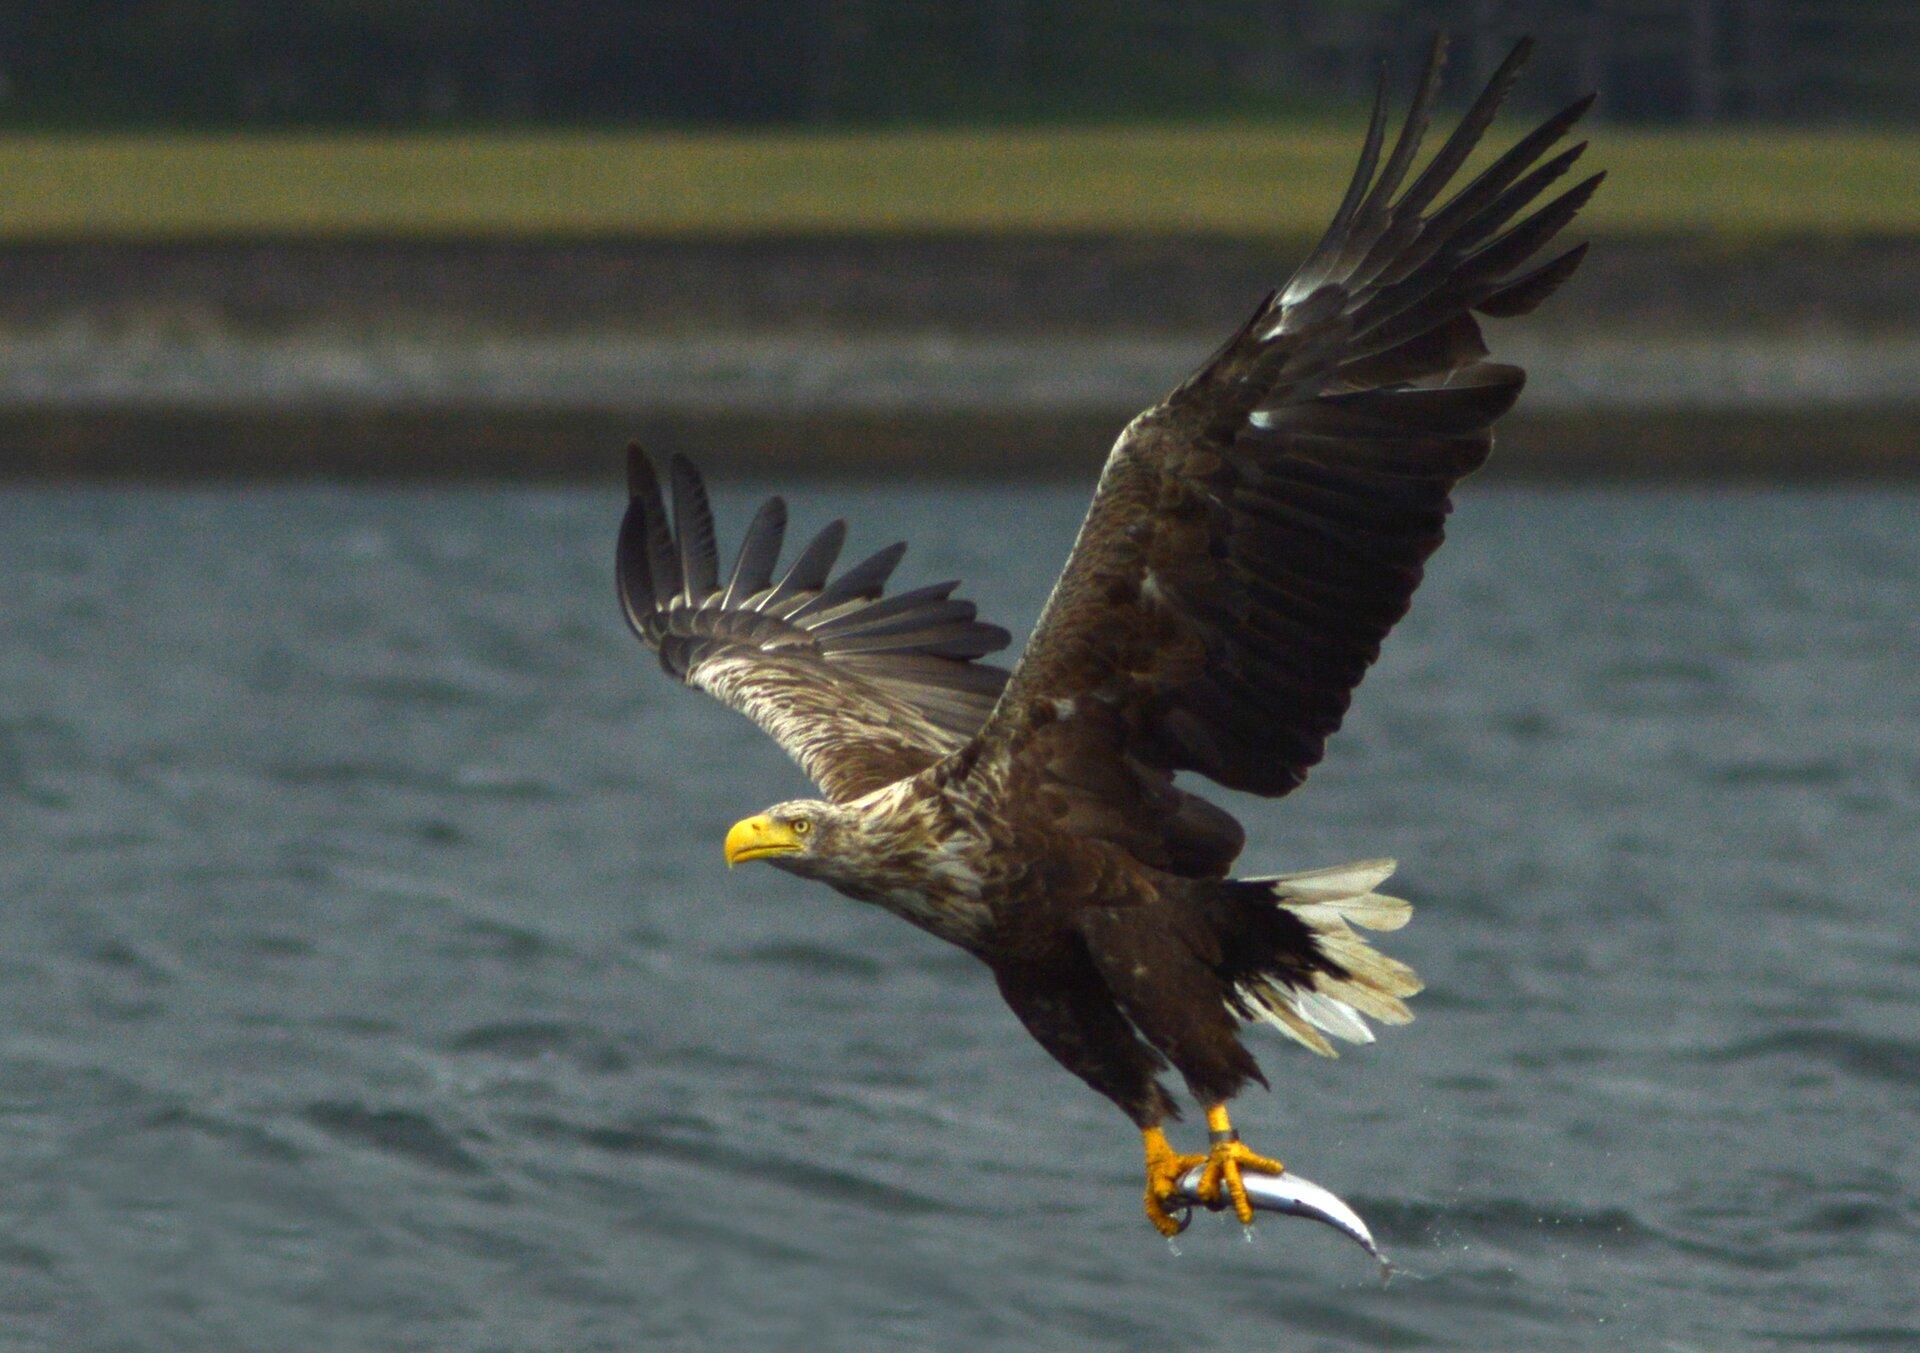 Fotografia przedstawia brązowego ptaka, zrywającego się do lotu nad wodą. Ma żółty dziób iszpony, wktórych trzyma upolowaną rybę. To bielik.